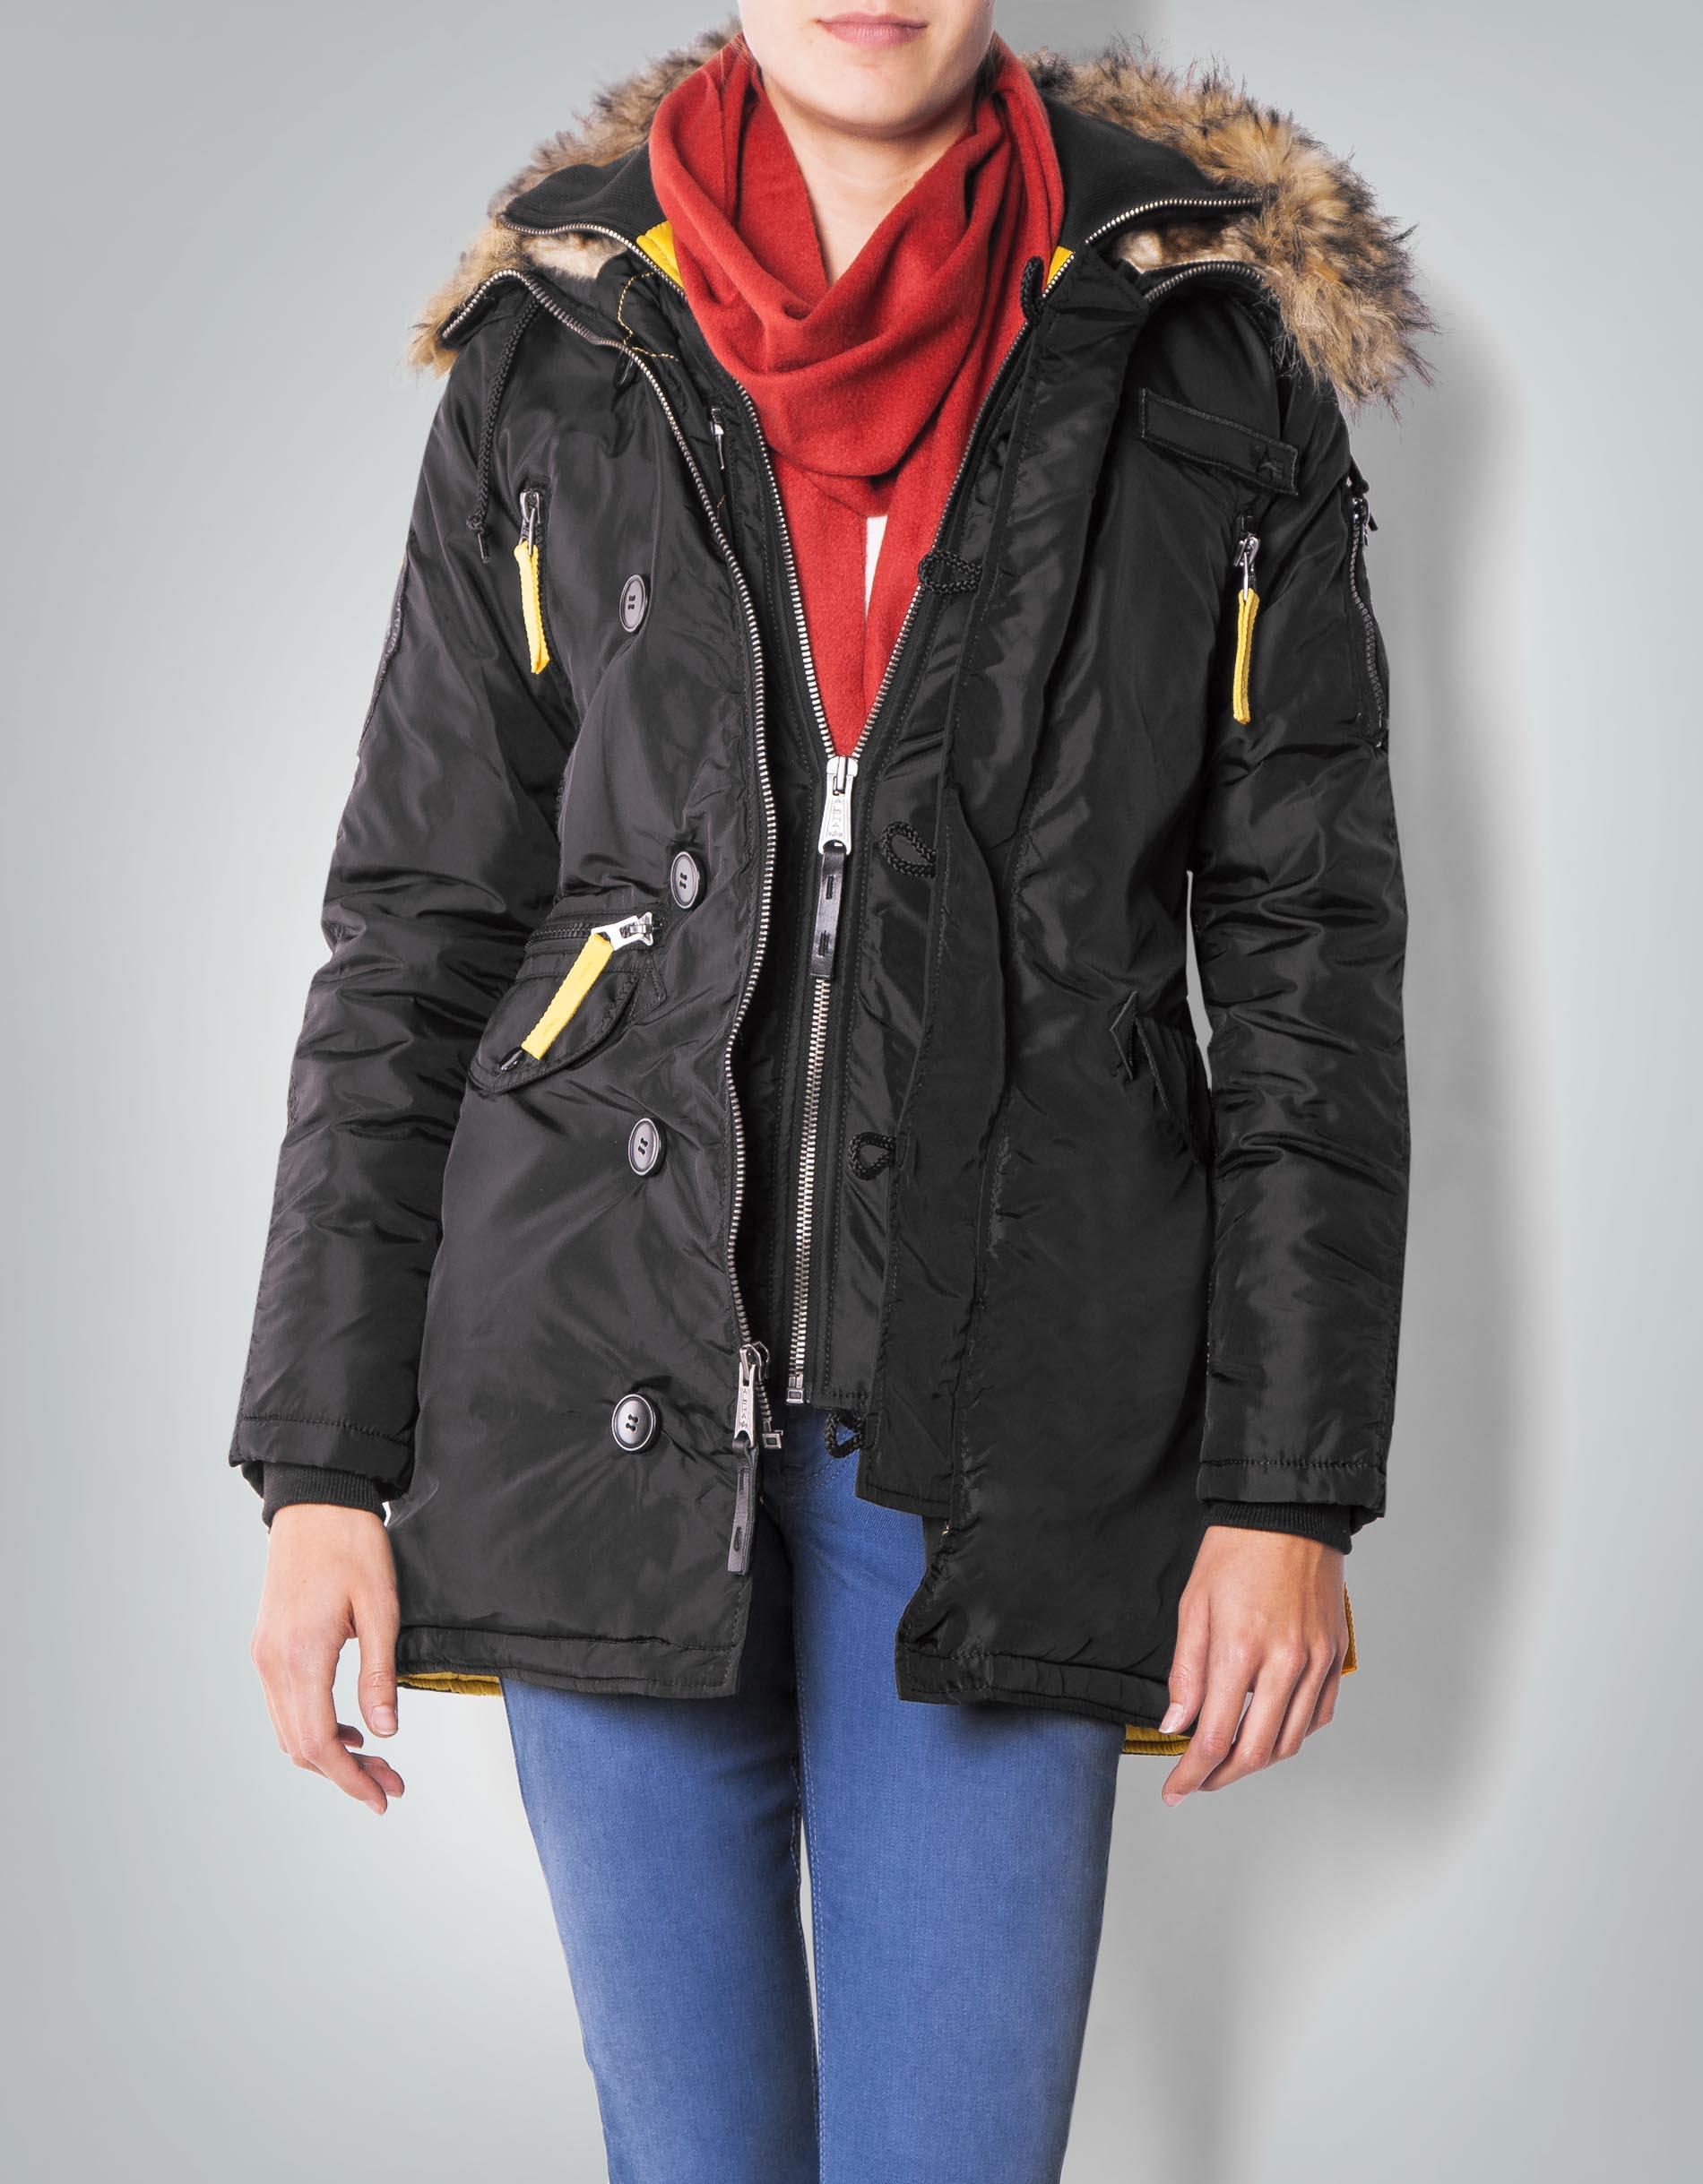 cheap for discount 6d9ee 6d5a6 ALPHA INDUSTRIES Damen Jacke im sportiven Winter-Look ...